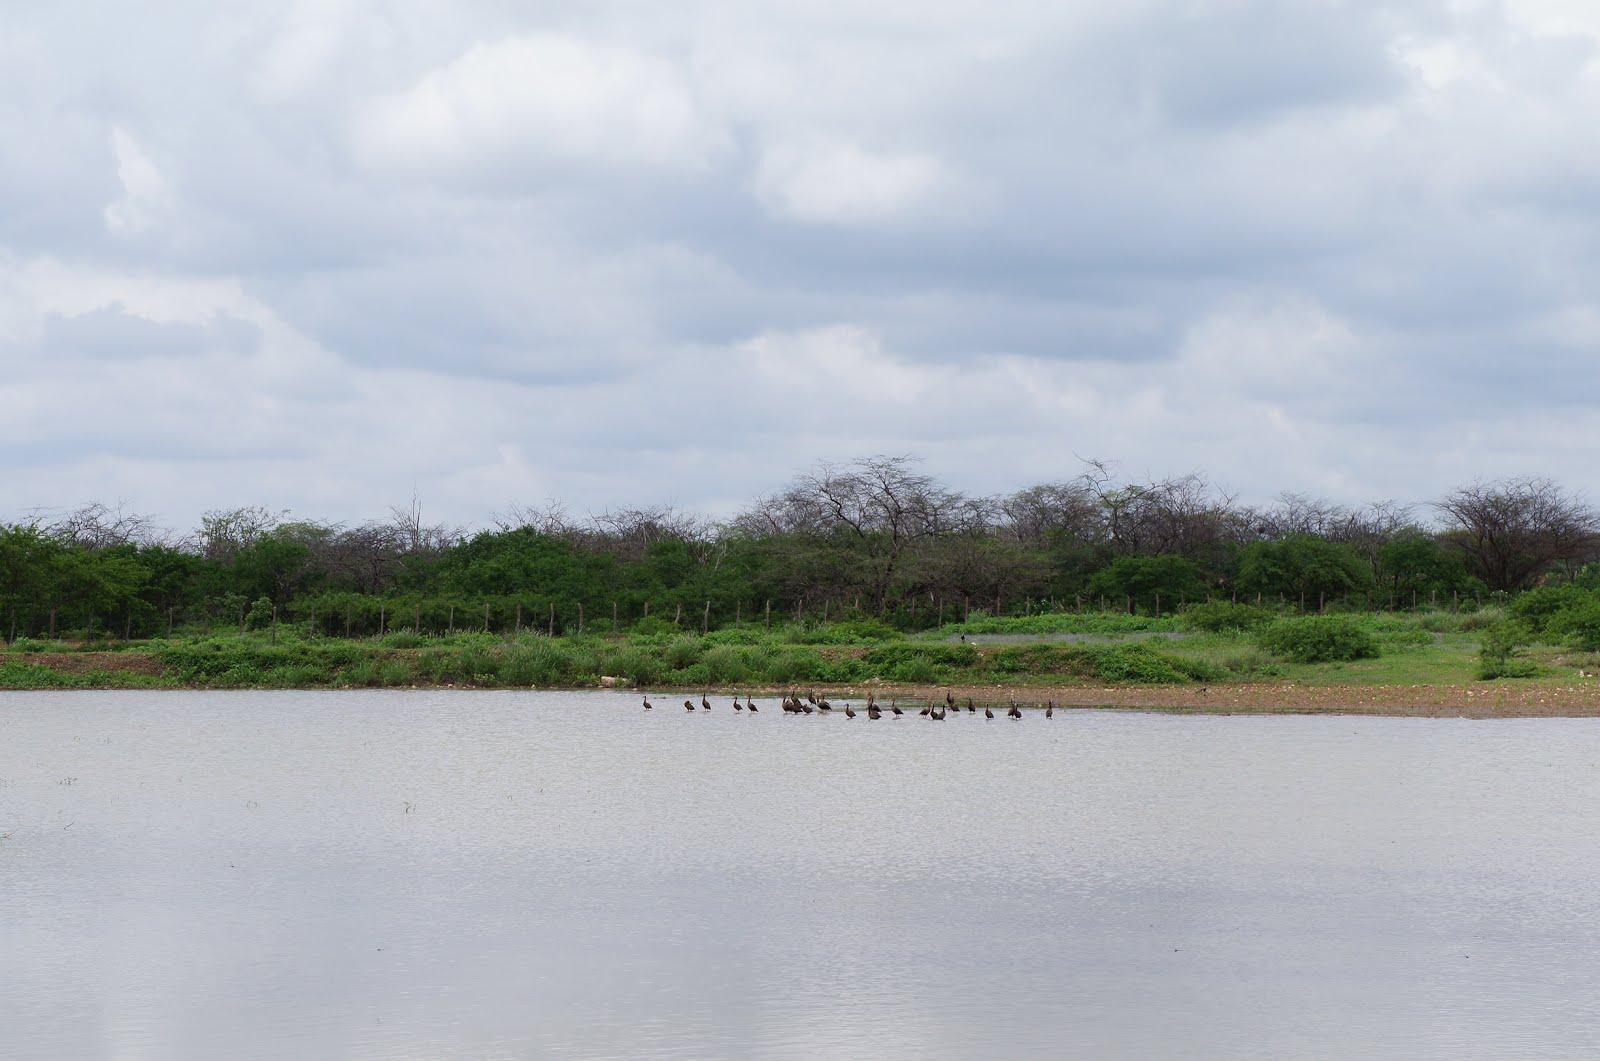 O marreco em lagoas da caatinga